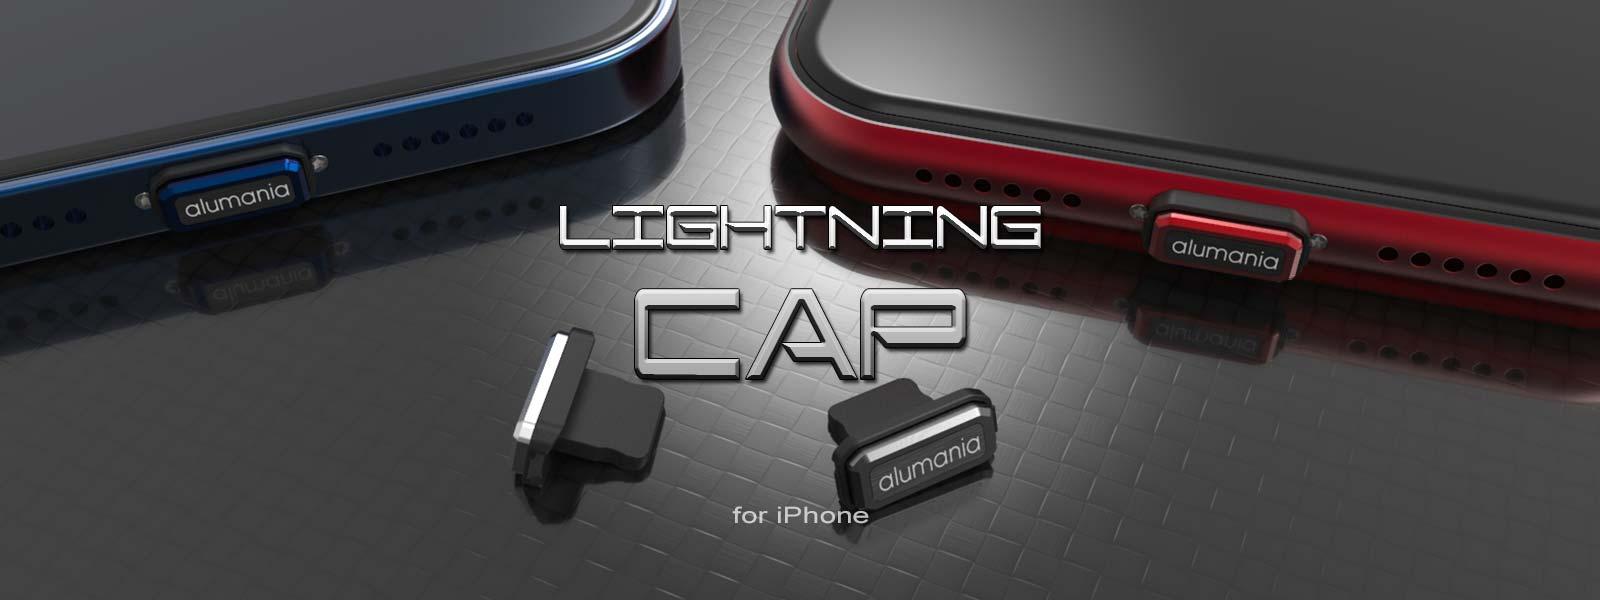 アイフォン用ライトニングキャップ